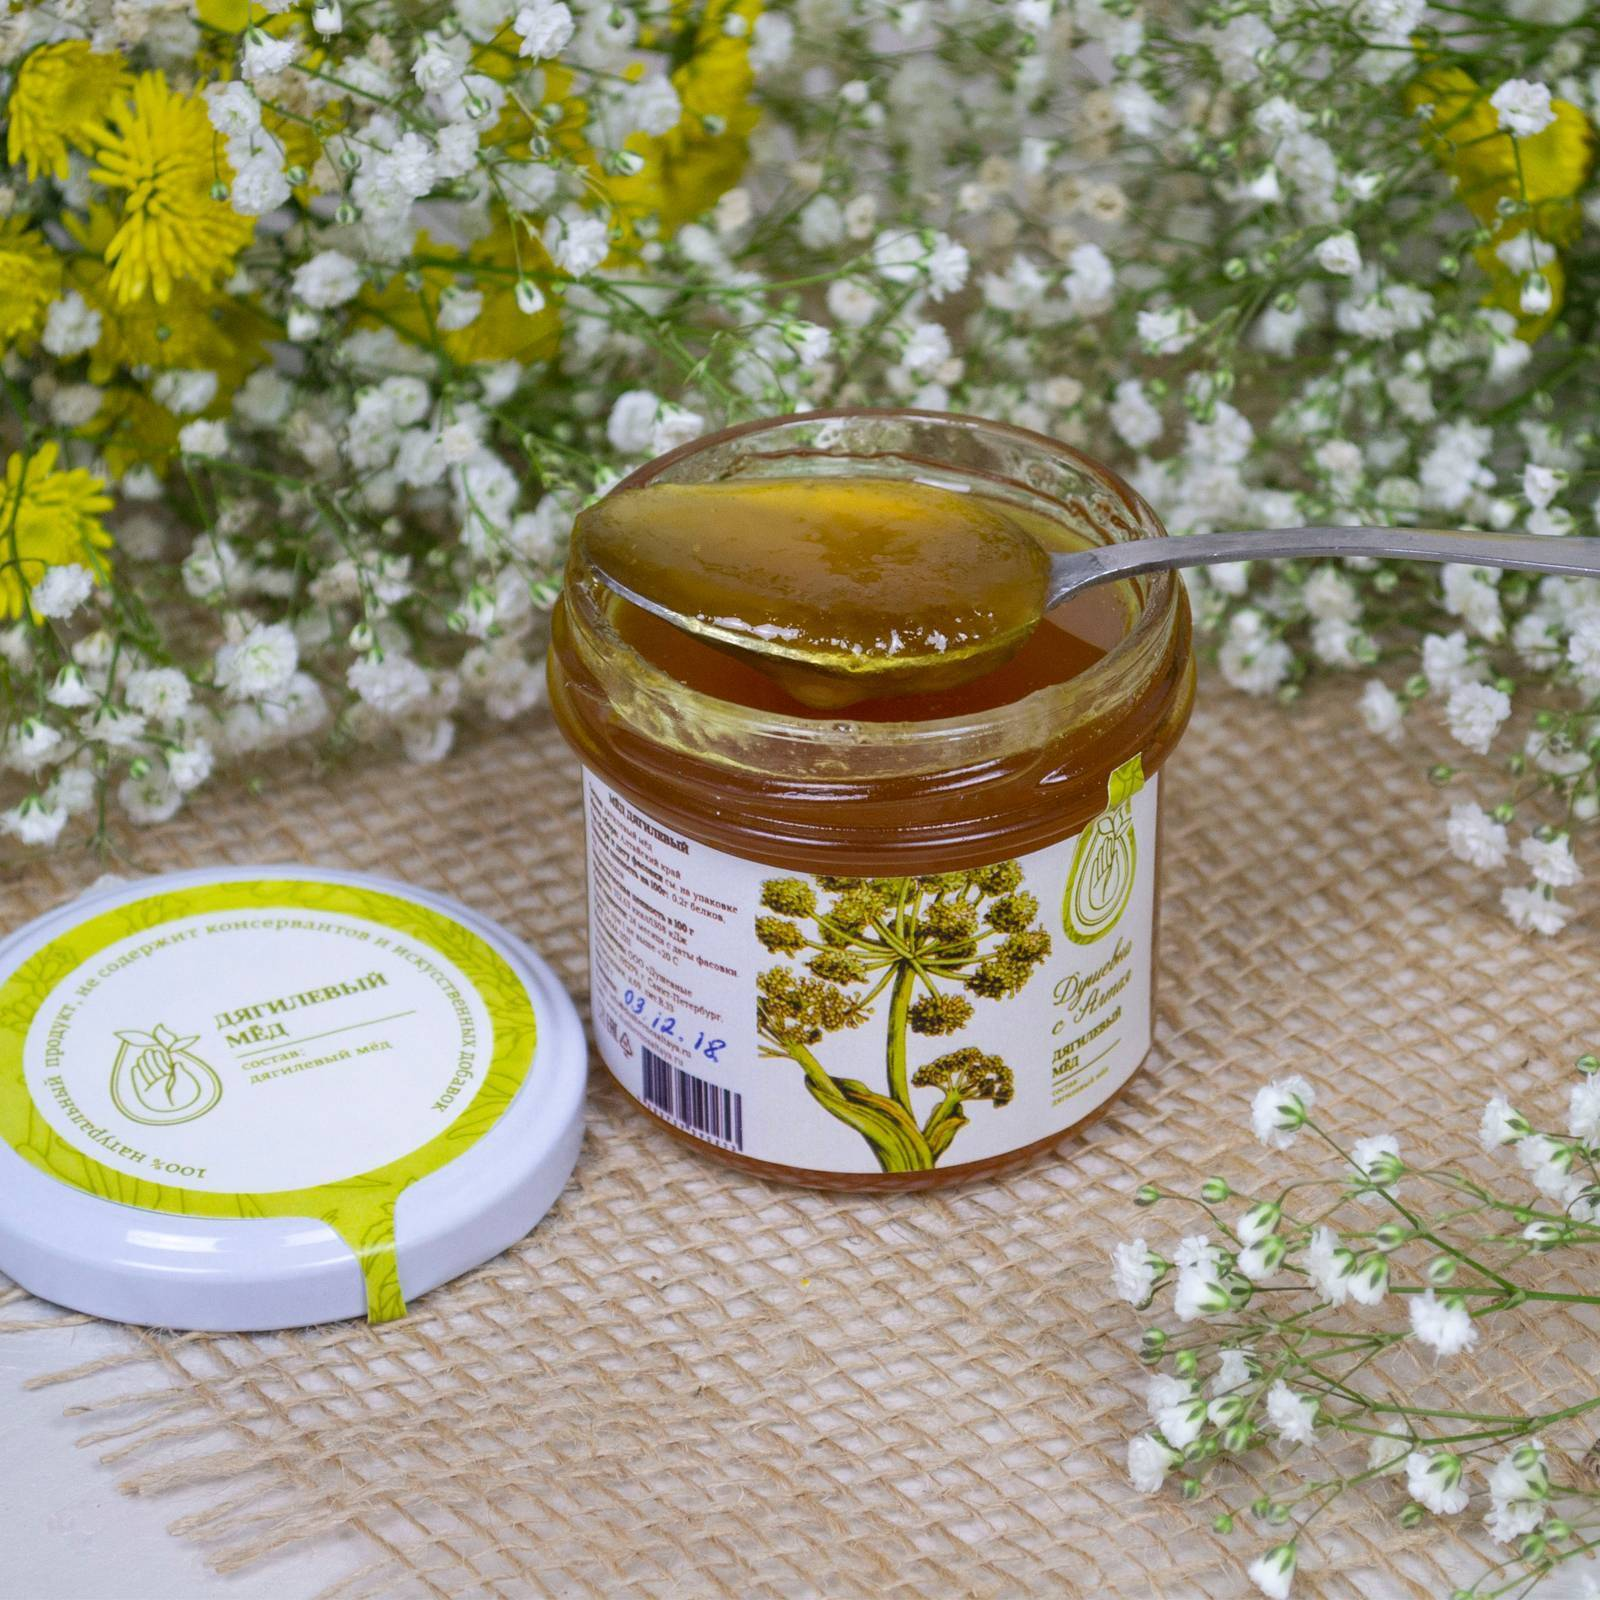 Дягилевый мед – секреты уникального продукта